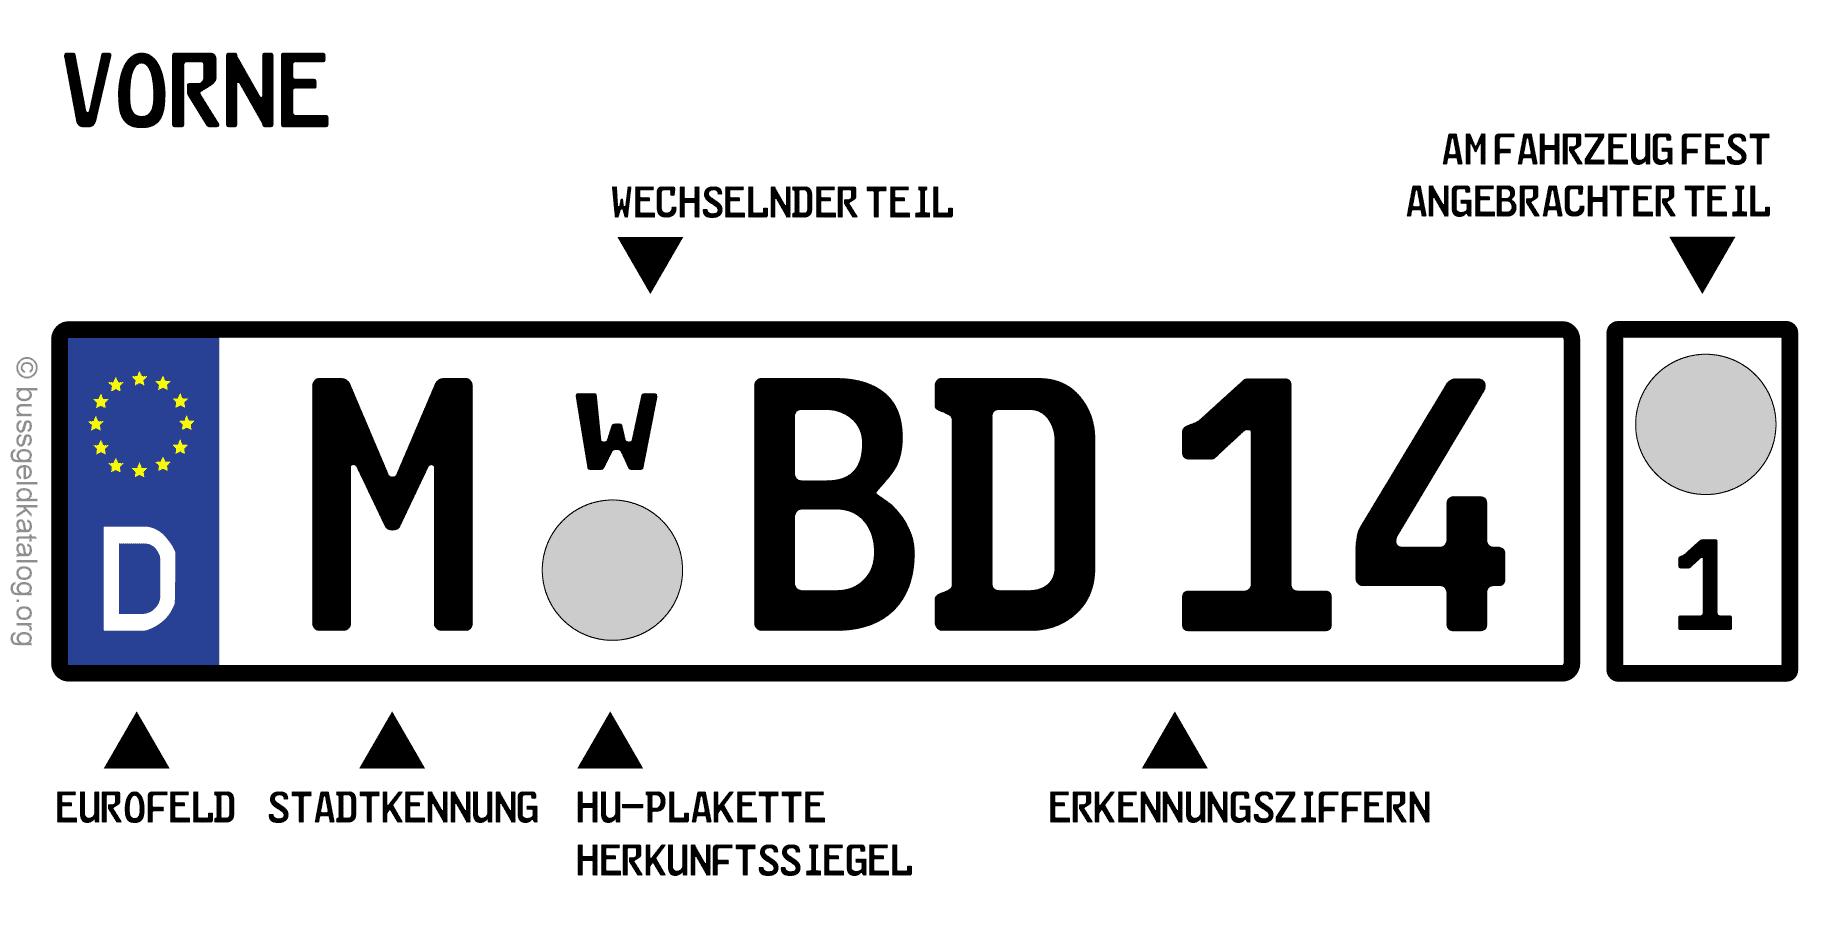 Die Klassen L, M1 und O1 dürfen mit einem Wechselkennzeichen ausgestattet werden.